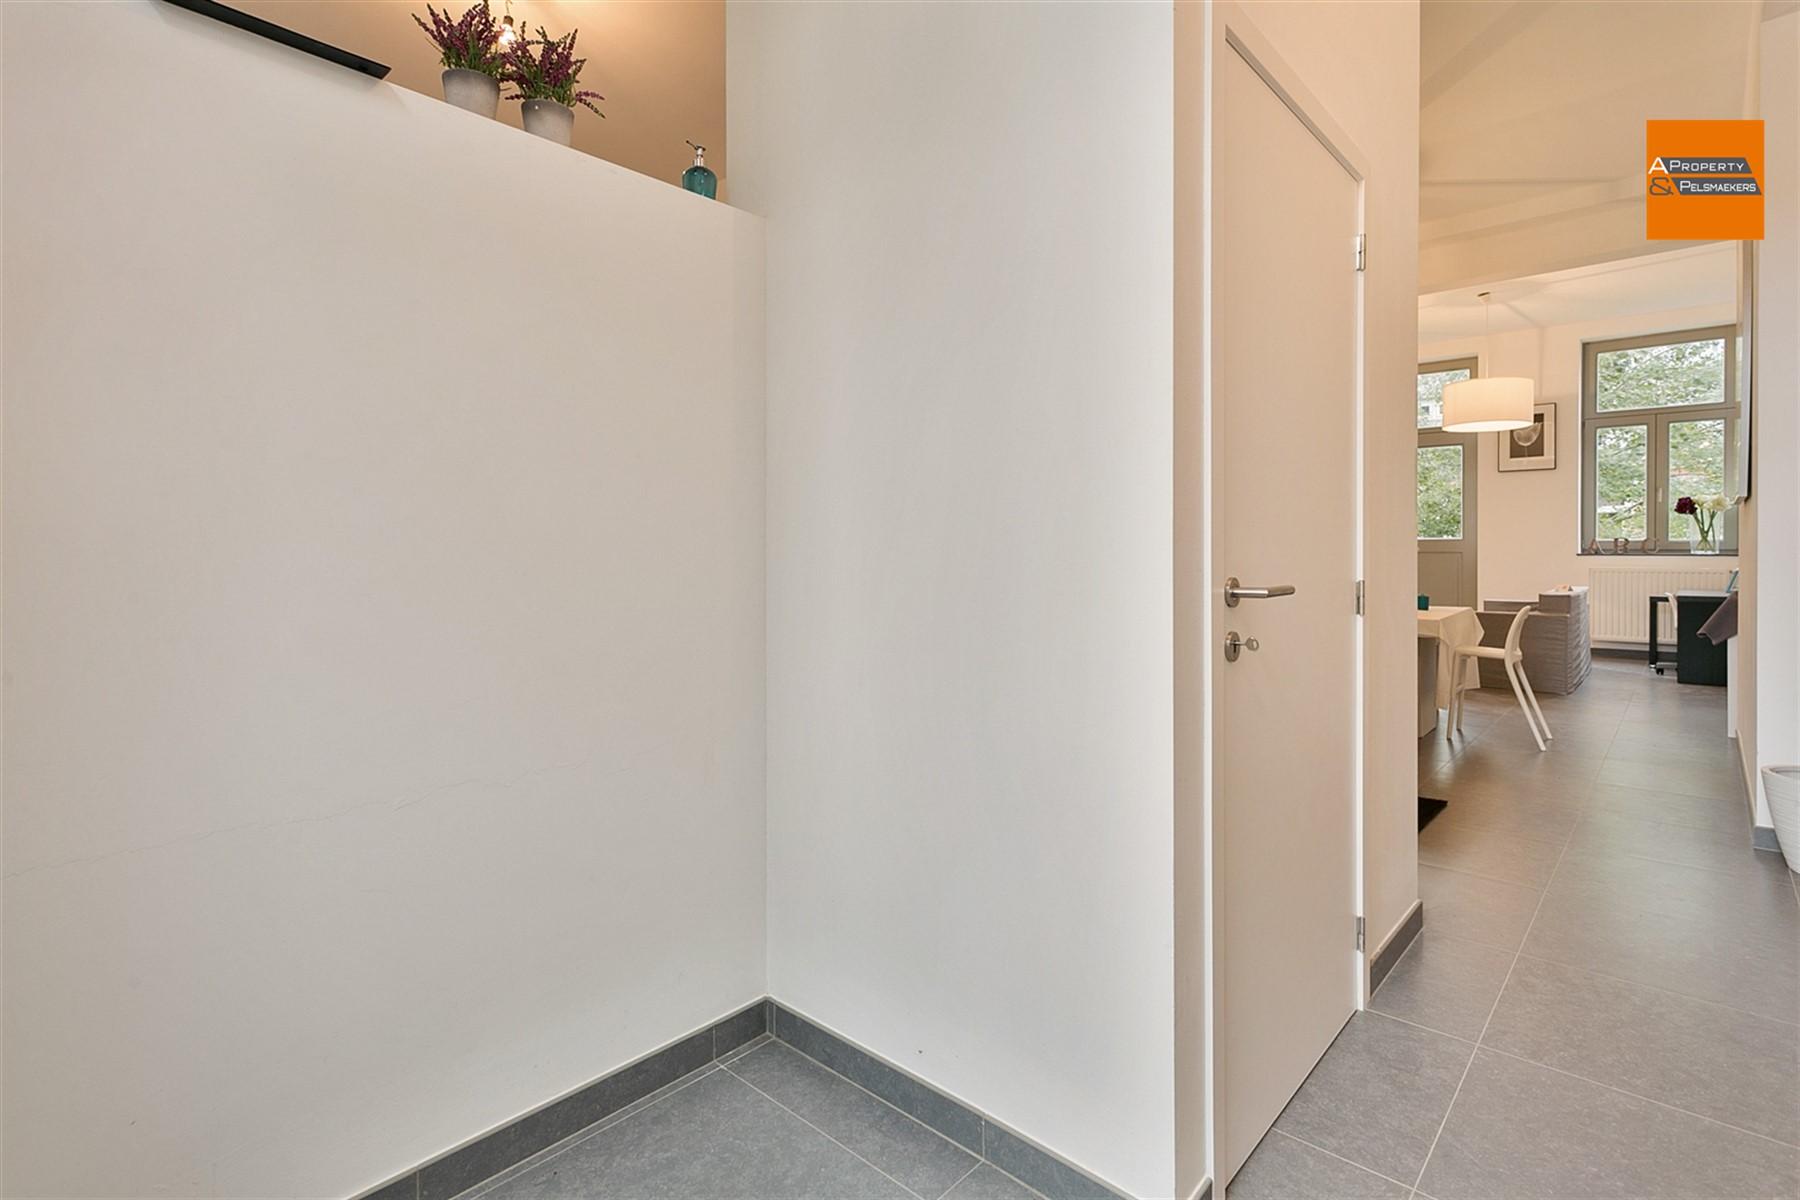 Foto 5 : Huis in 1070 Anderlecht (België) - Prijs € 540.585